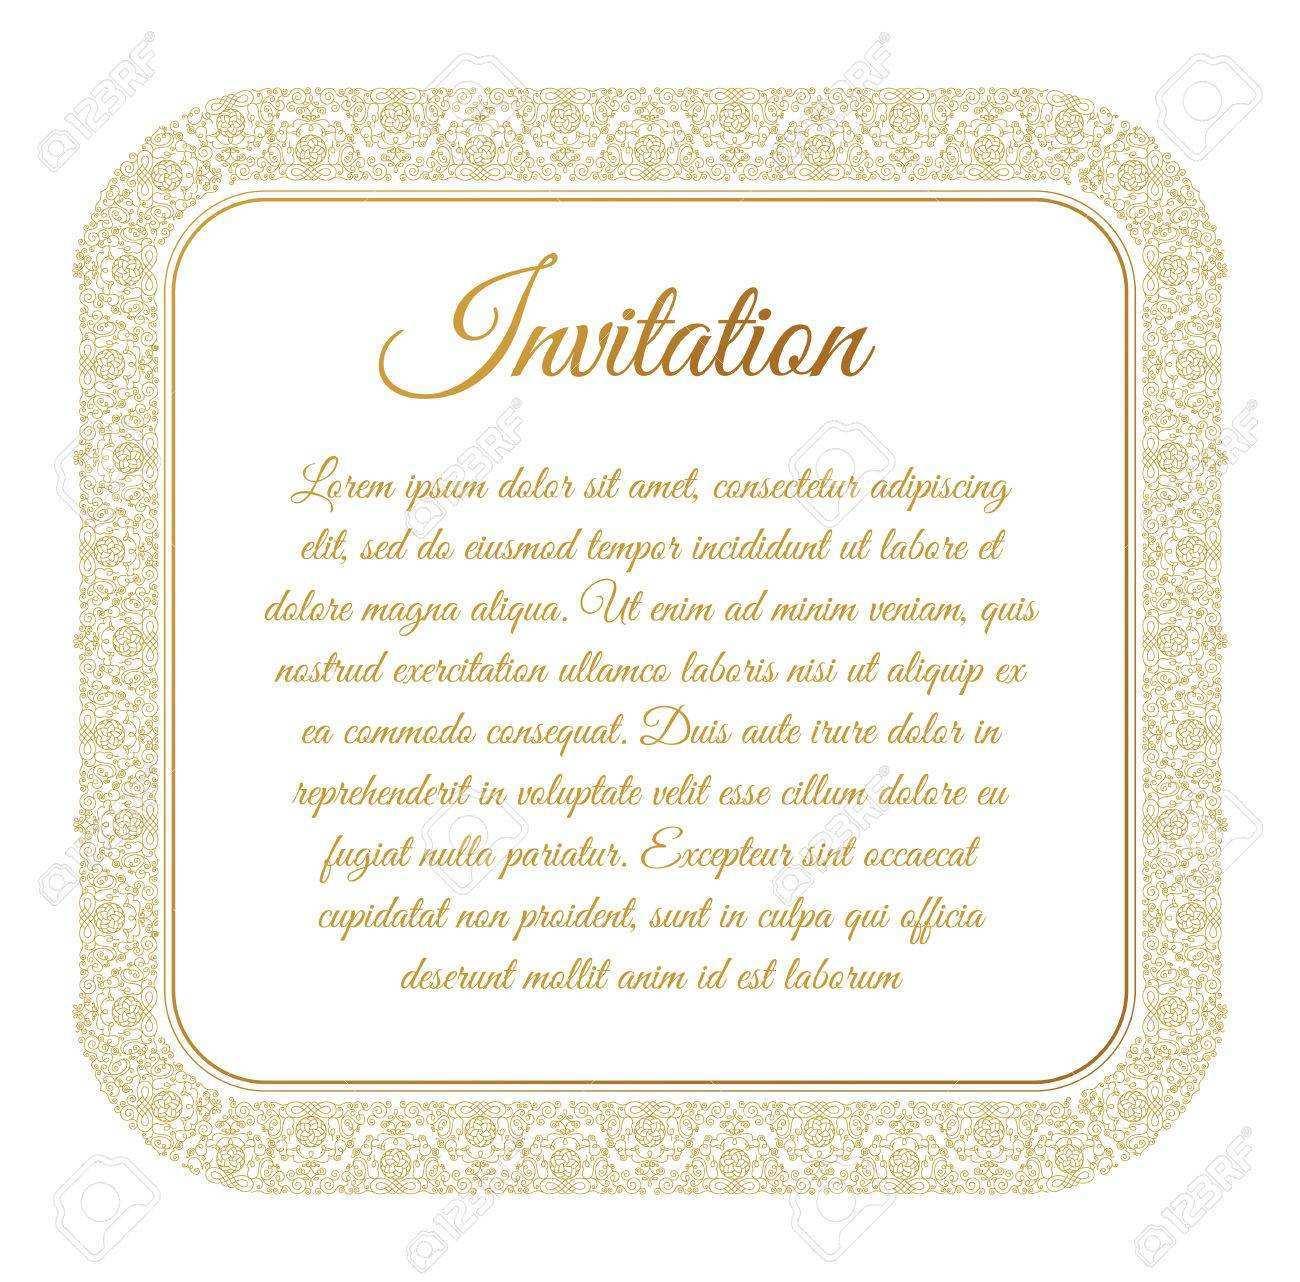 35 Free Printable Eid Invitation Card Templates Download with Eid Invitation Card Templates